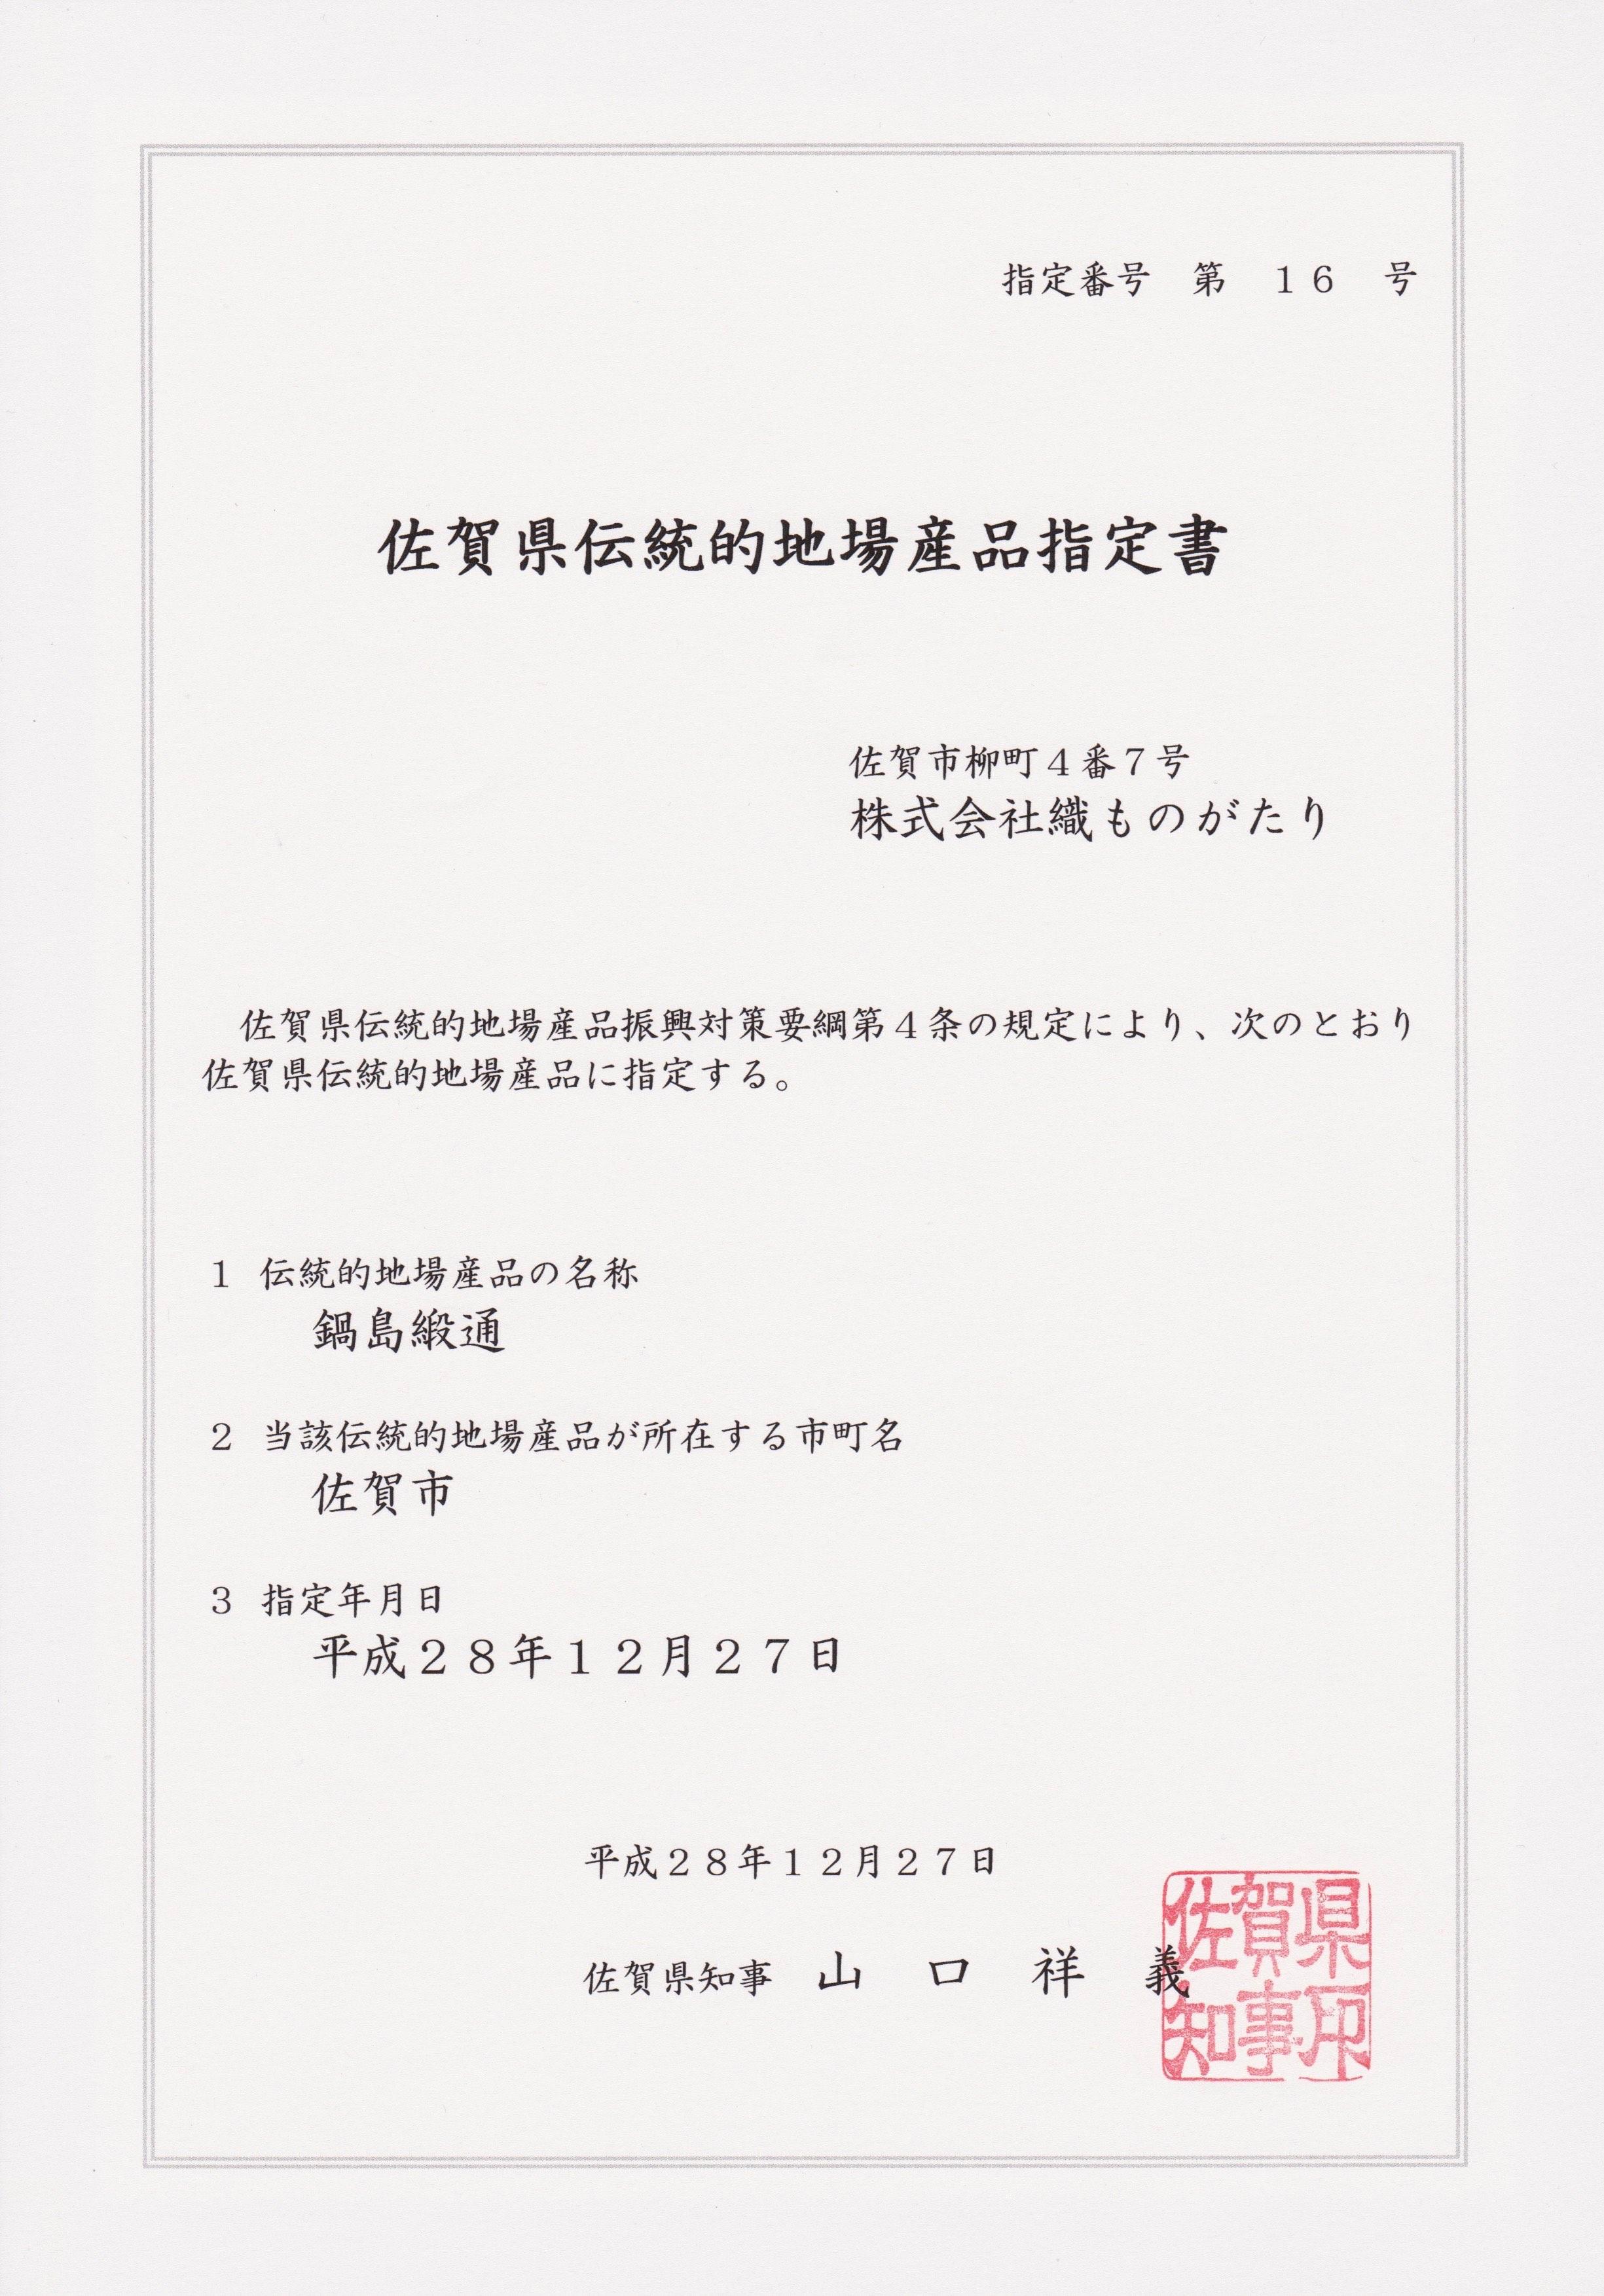 佐賀県伝統的地産品指定